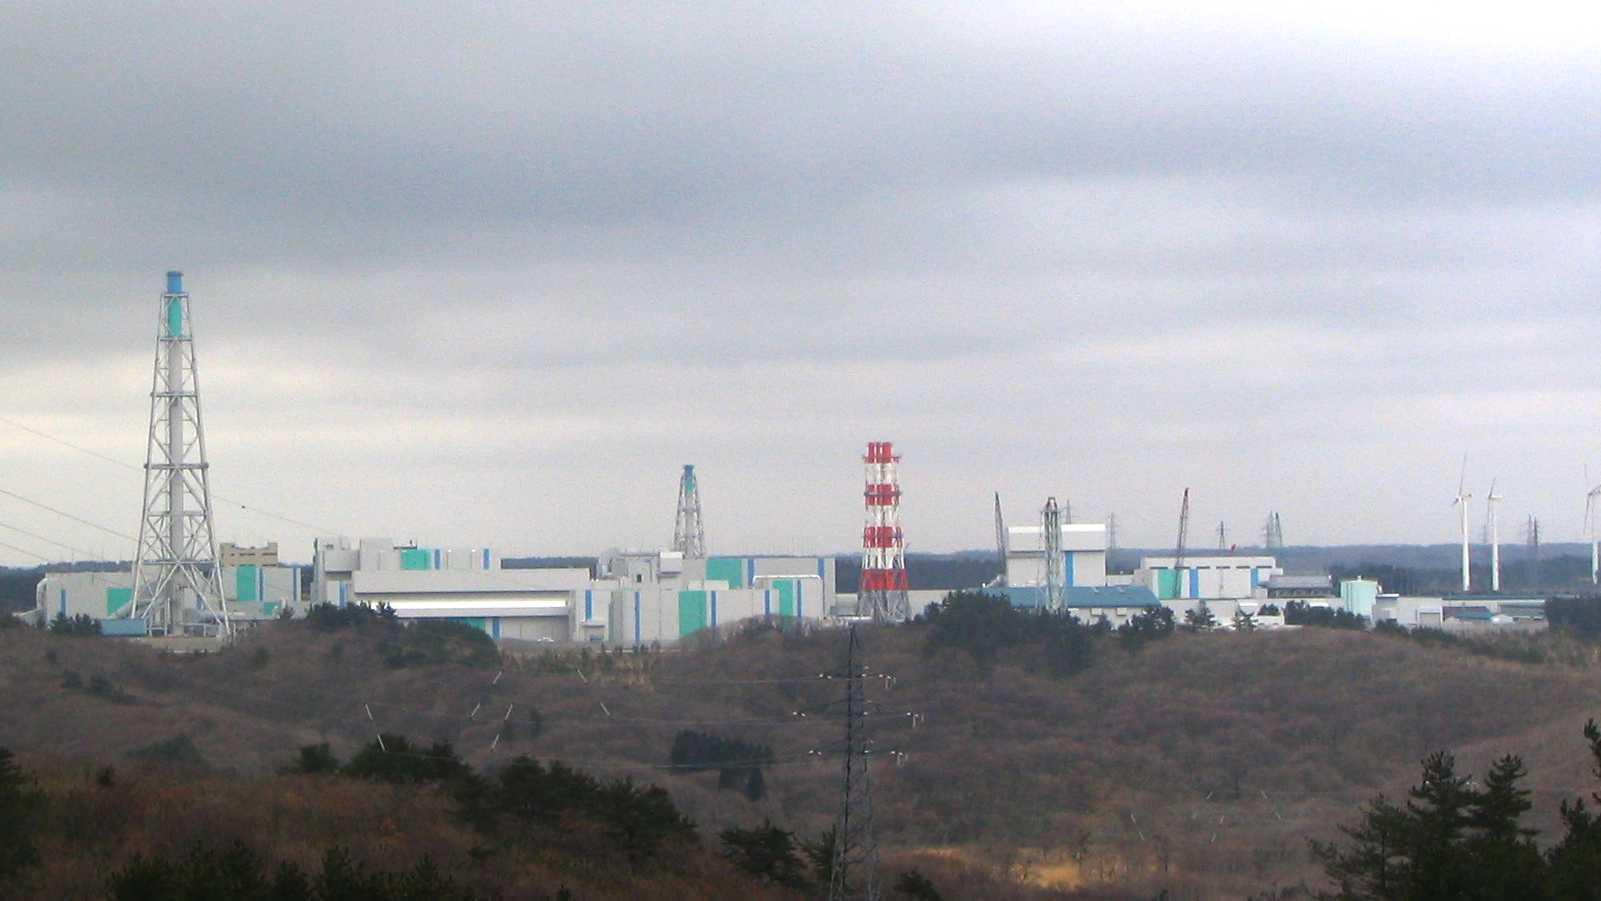 六ヶ所村再処理工場